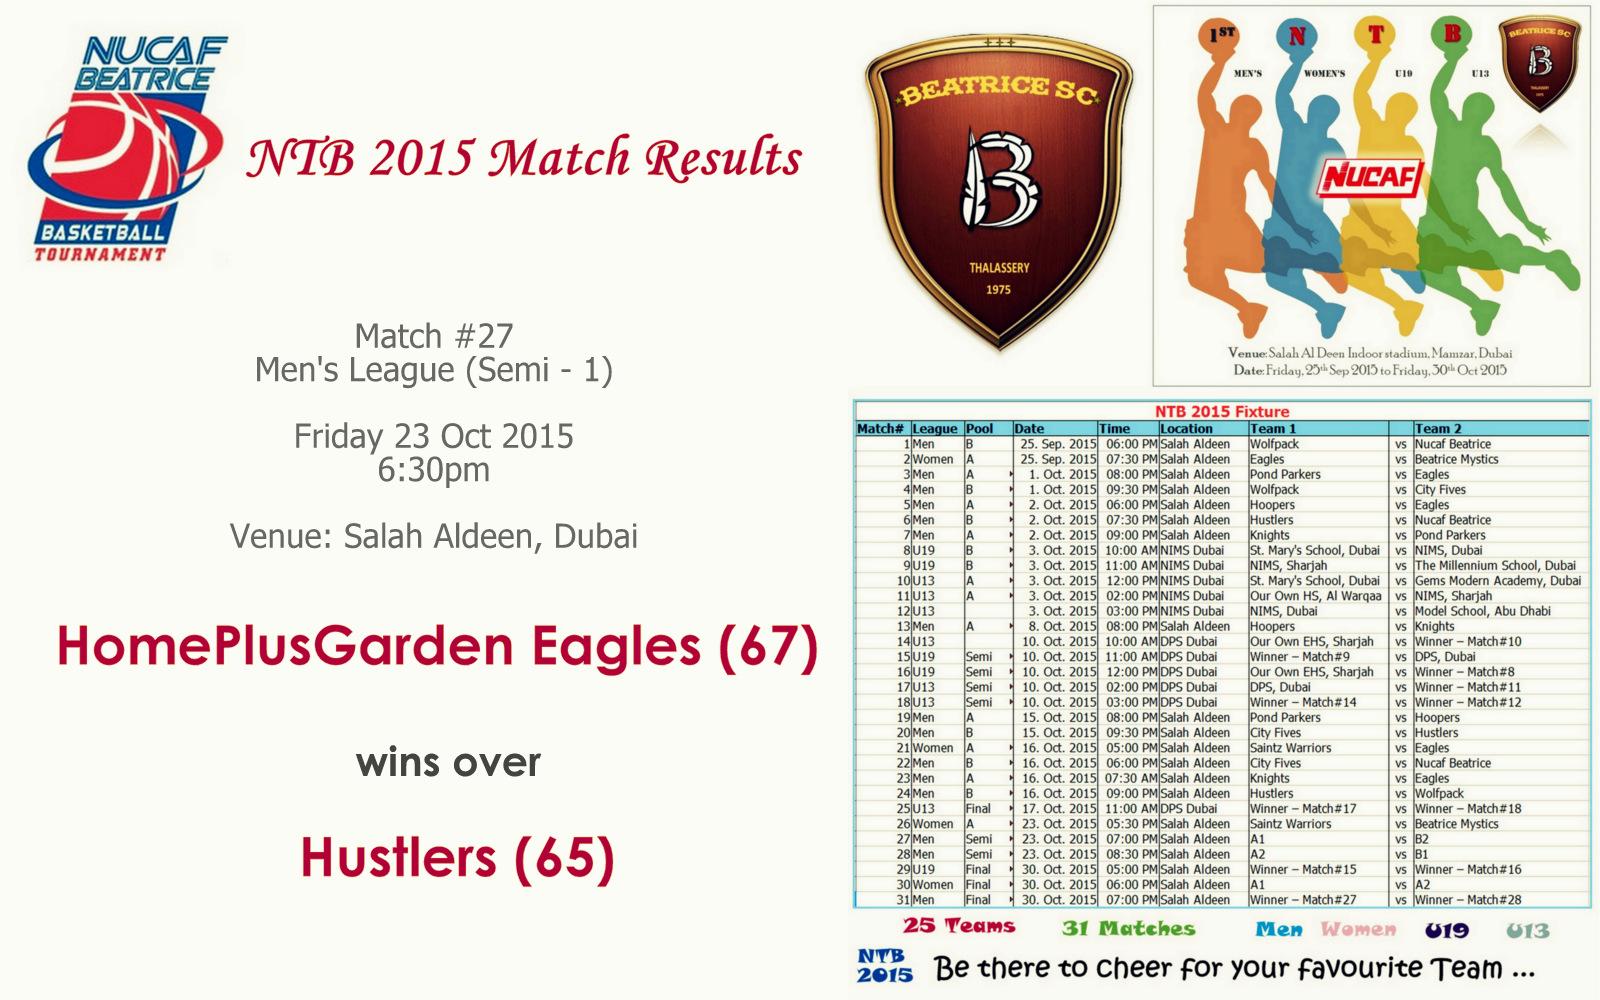 NTB 2015 – Match #27  (Men's Semi-1) | HomePlusGarden Eagles (67) Vs Hustlers (65)